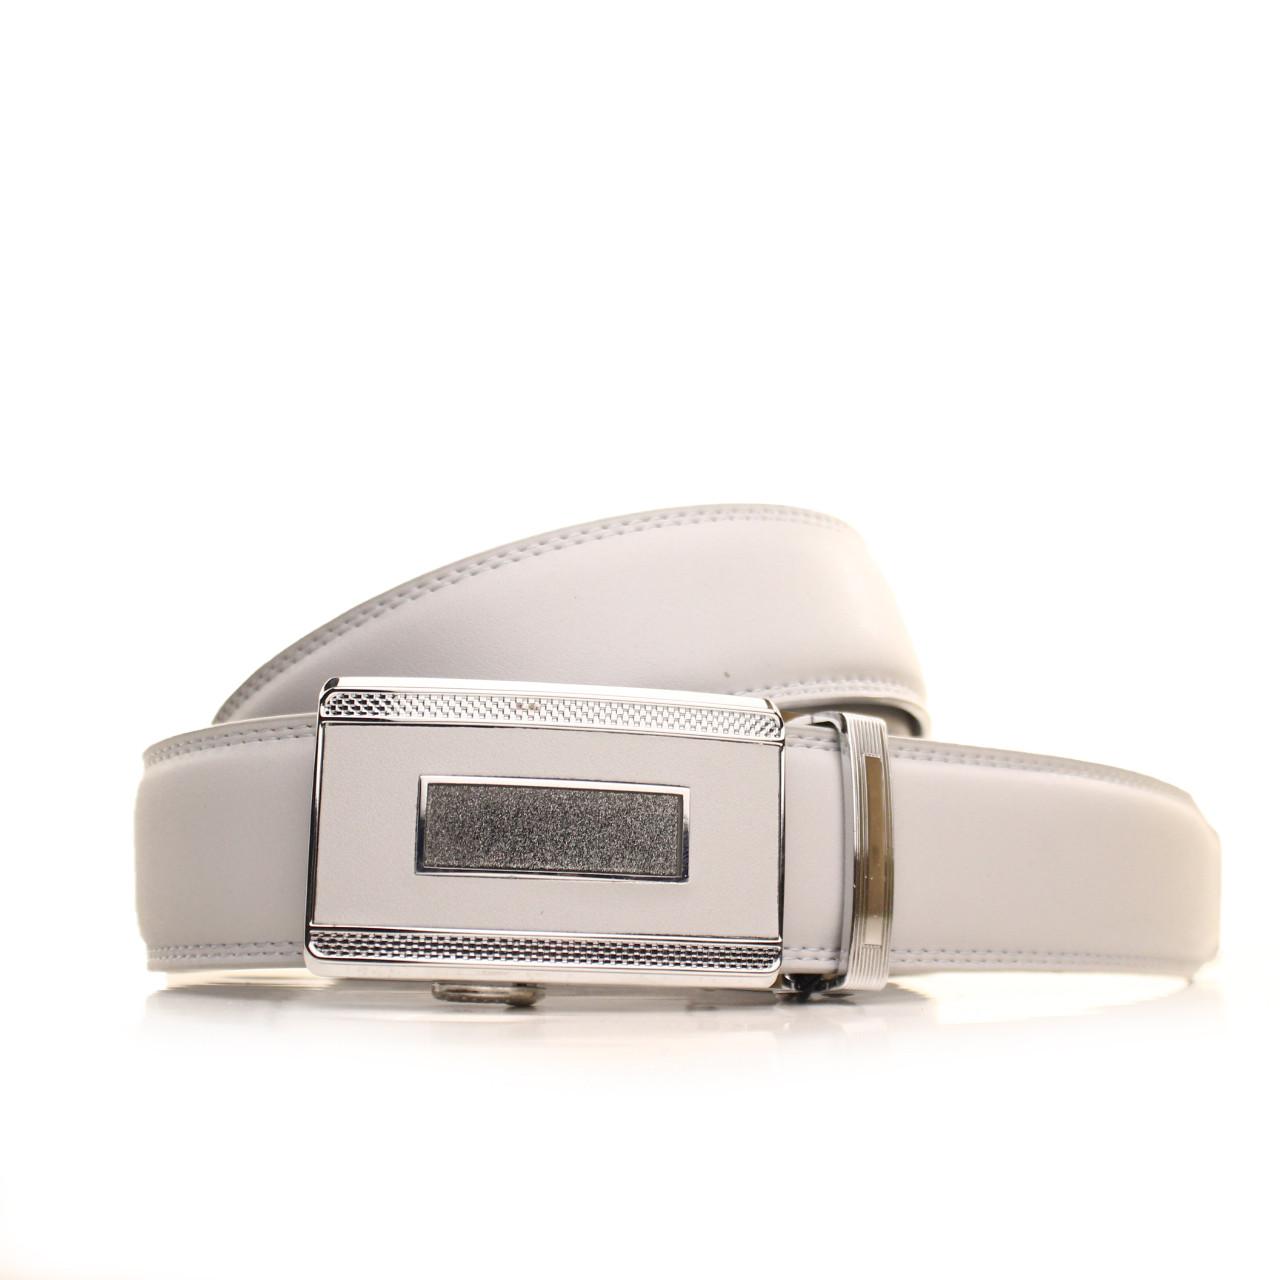 Ремень кожаный Alon 120-125 см китай l35a1a17